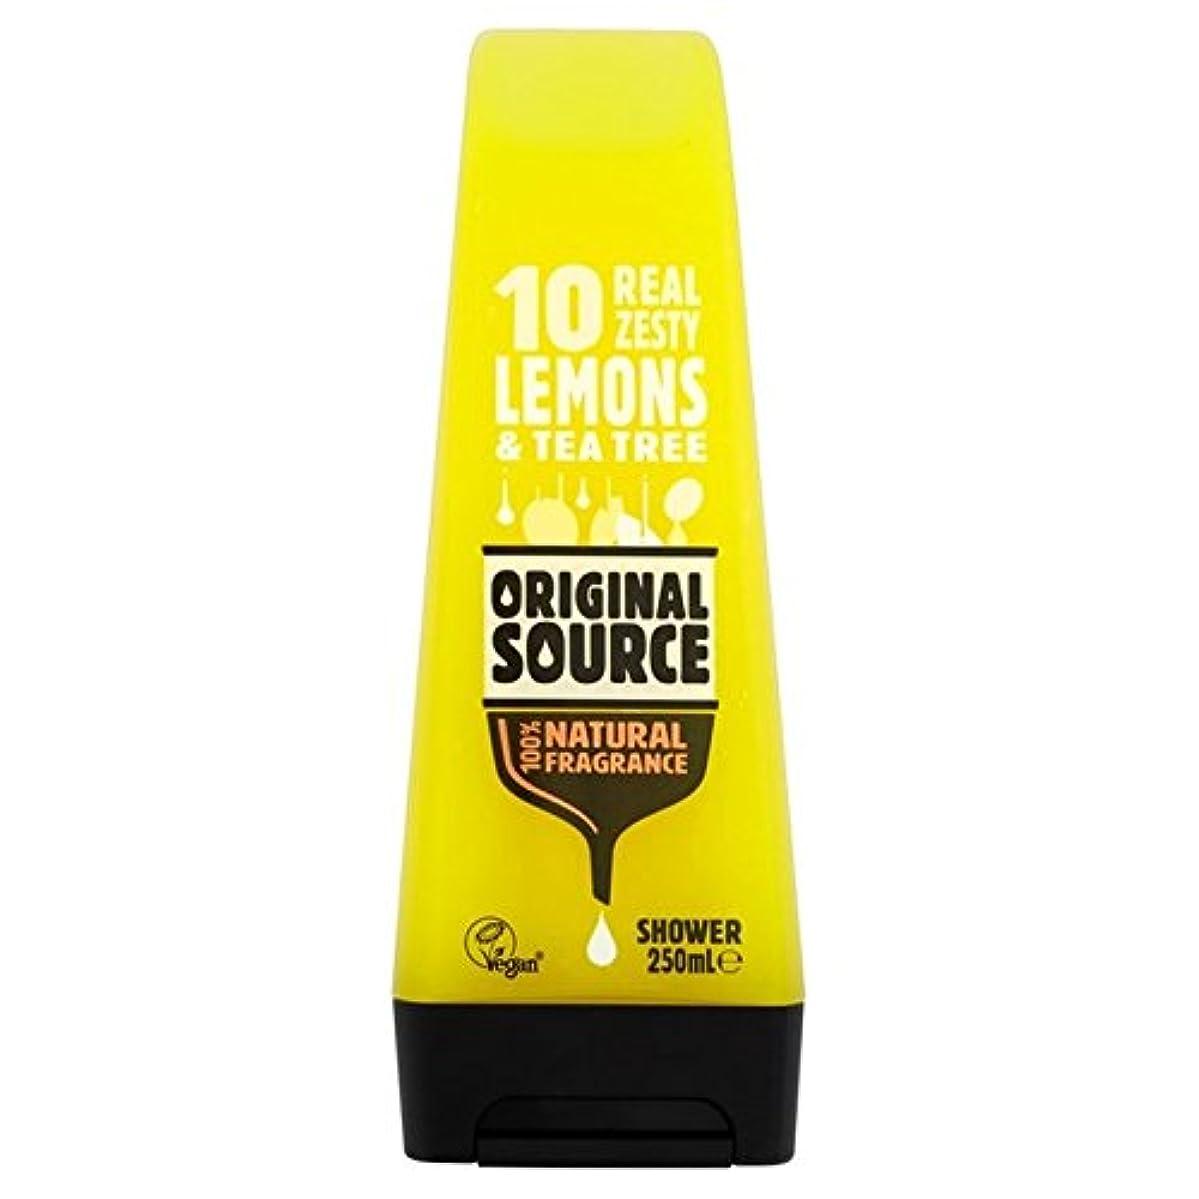 異形順応性のある寛解Original Source Lemon Shower Gel 250ml - 元のソースのレモンシャワージェル250ミリリットル [並行輸入品]